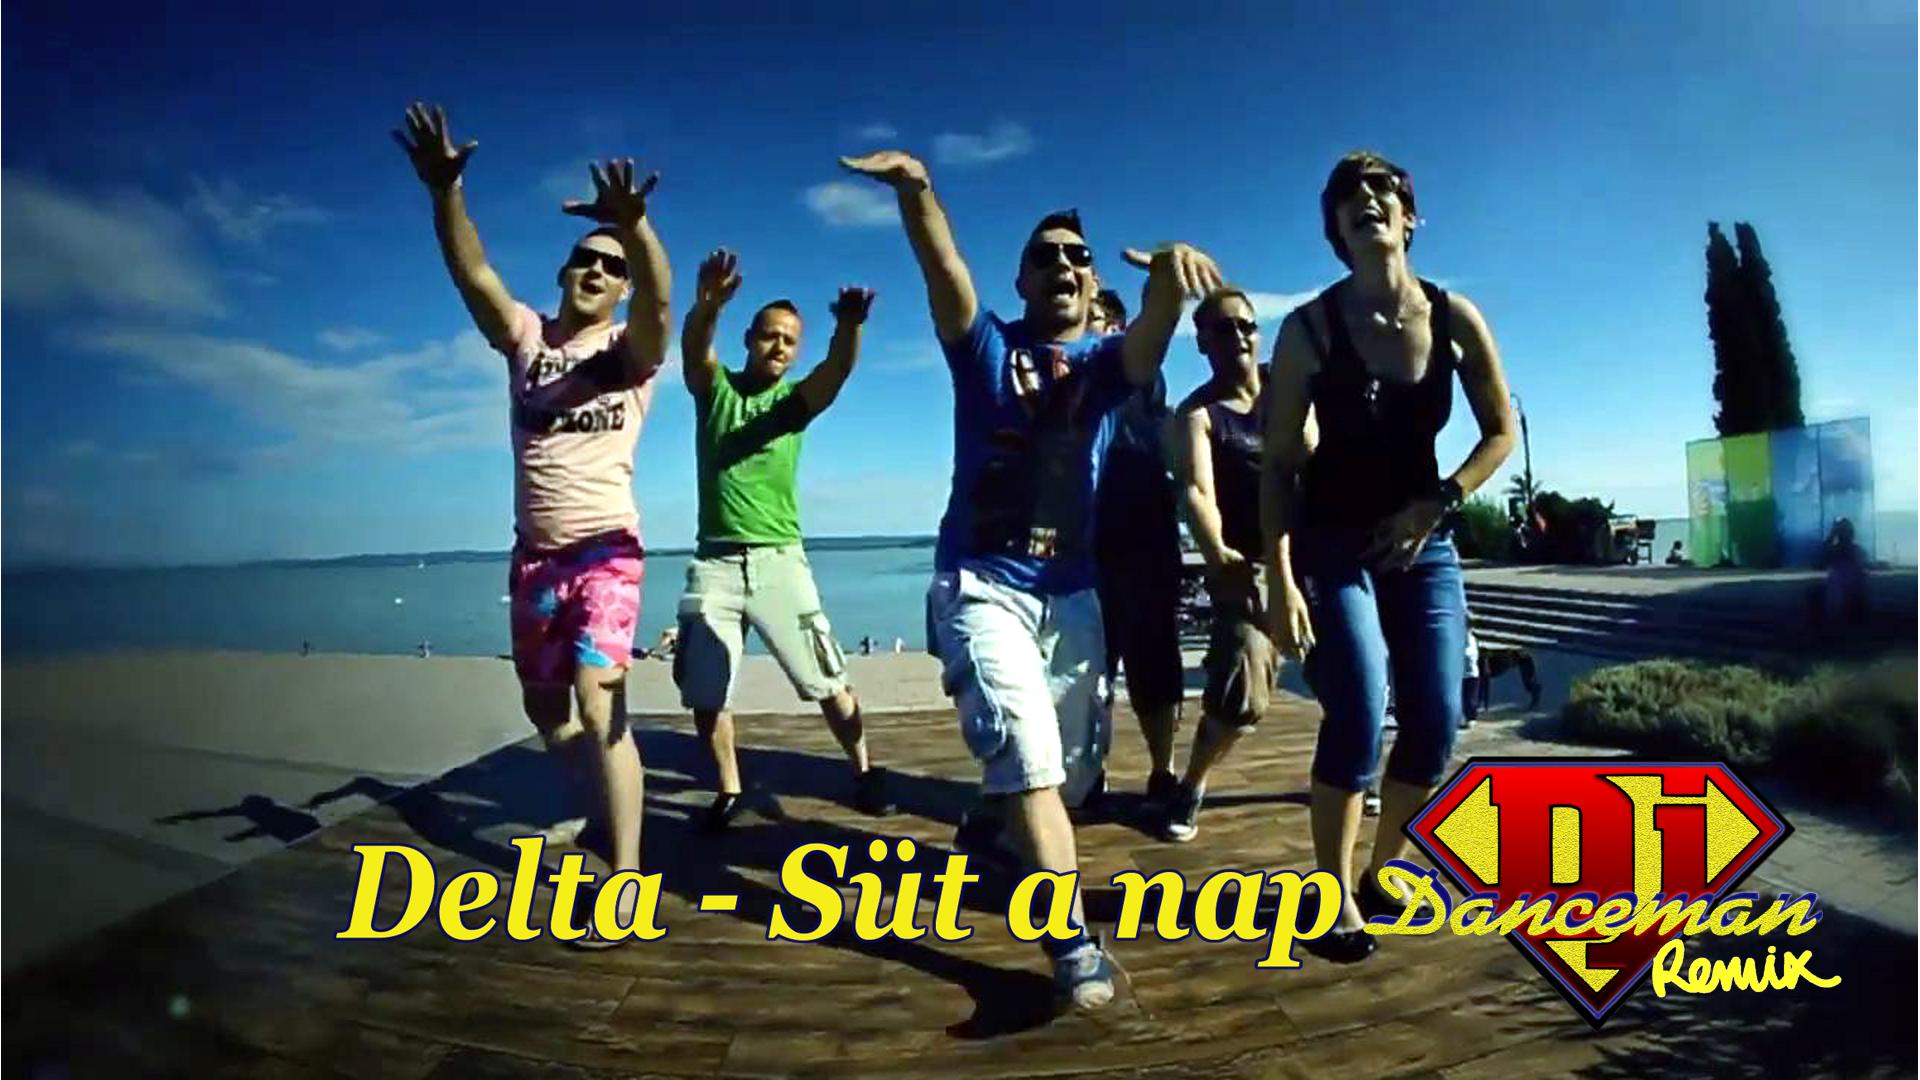 Delta- süt a nap Dj Danceman Remix